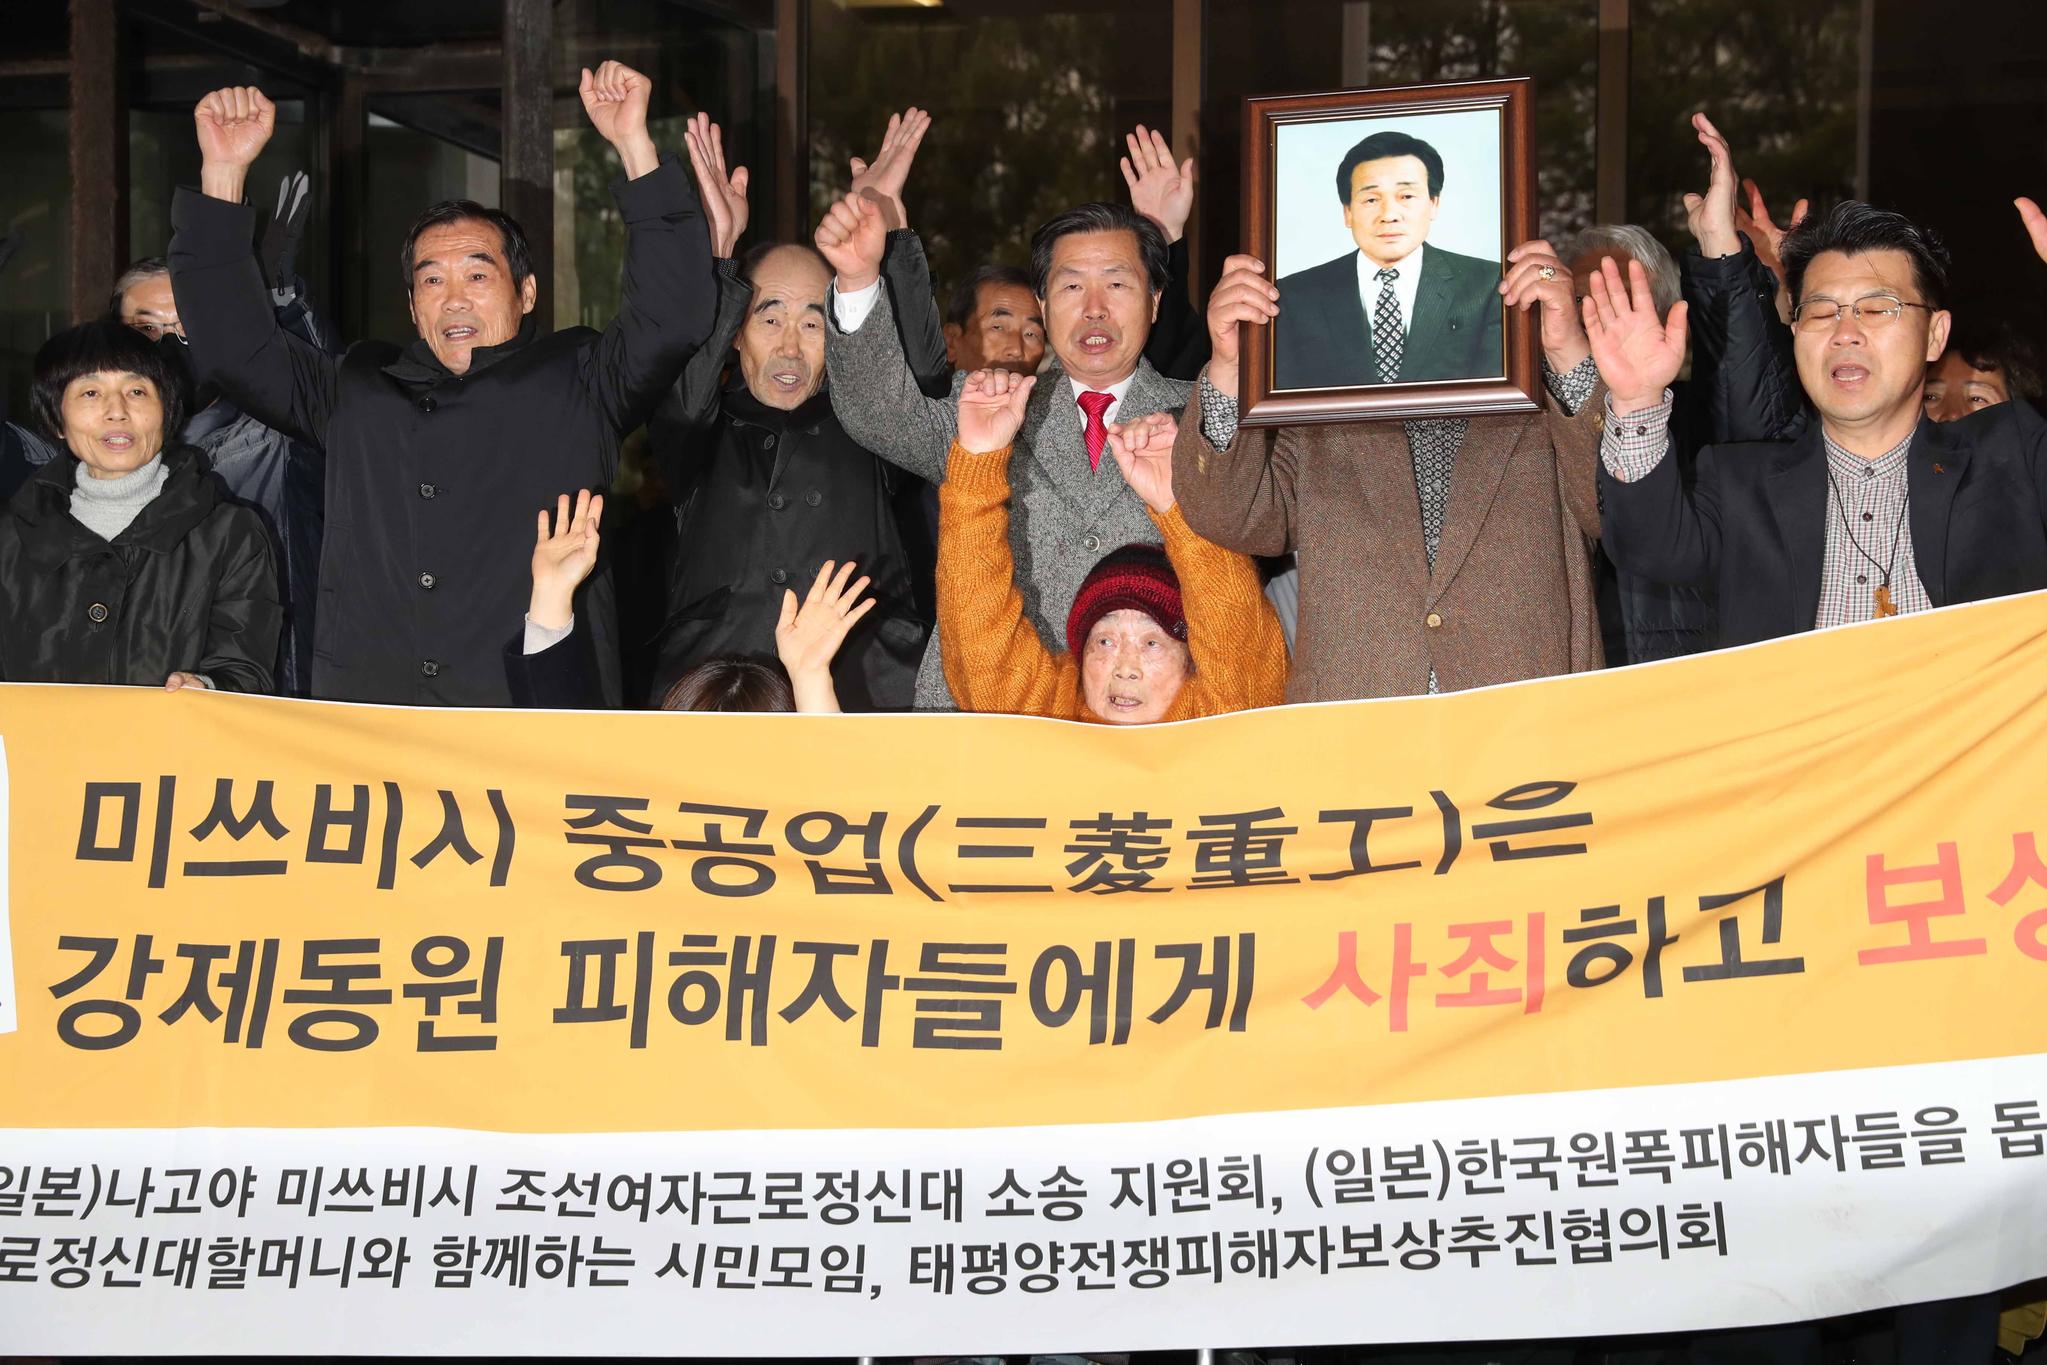 조선여자근로정신대 피해자인 김성주 할머니가 29일 재판장을 나온 뒤 손을 들고 있다. 김상선 기자